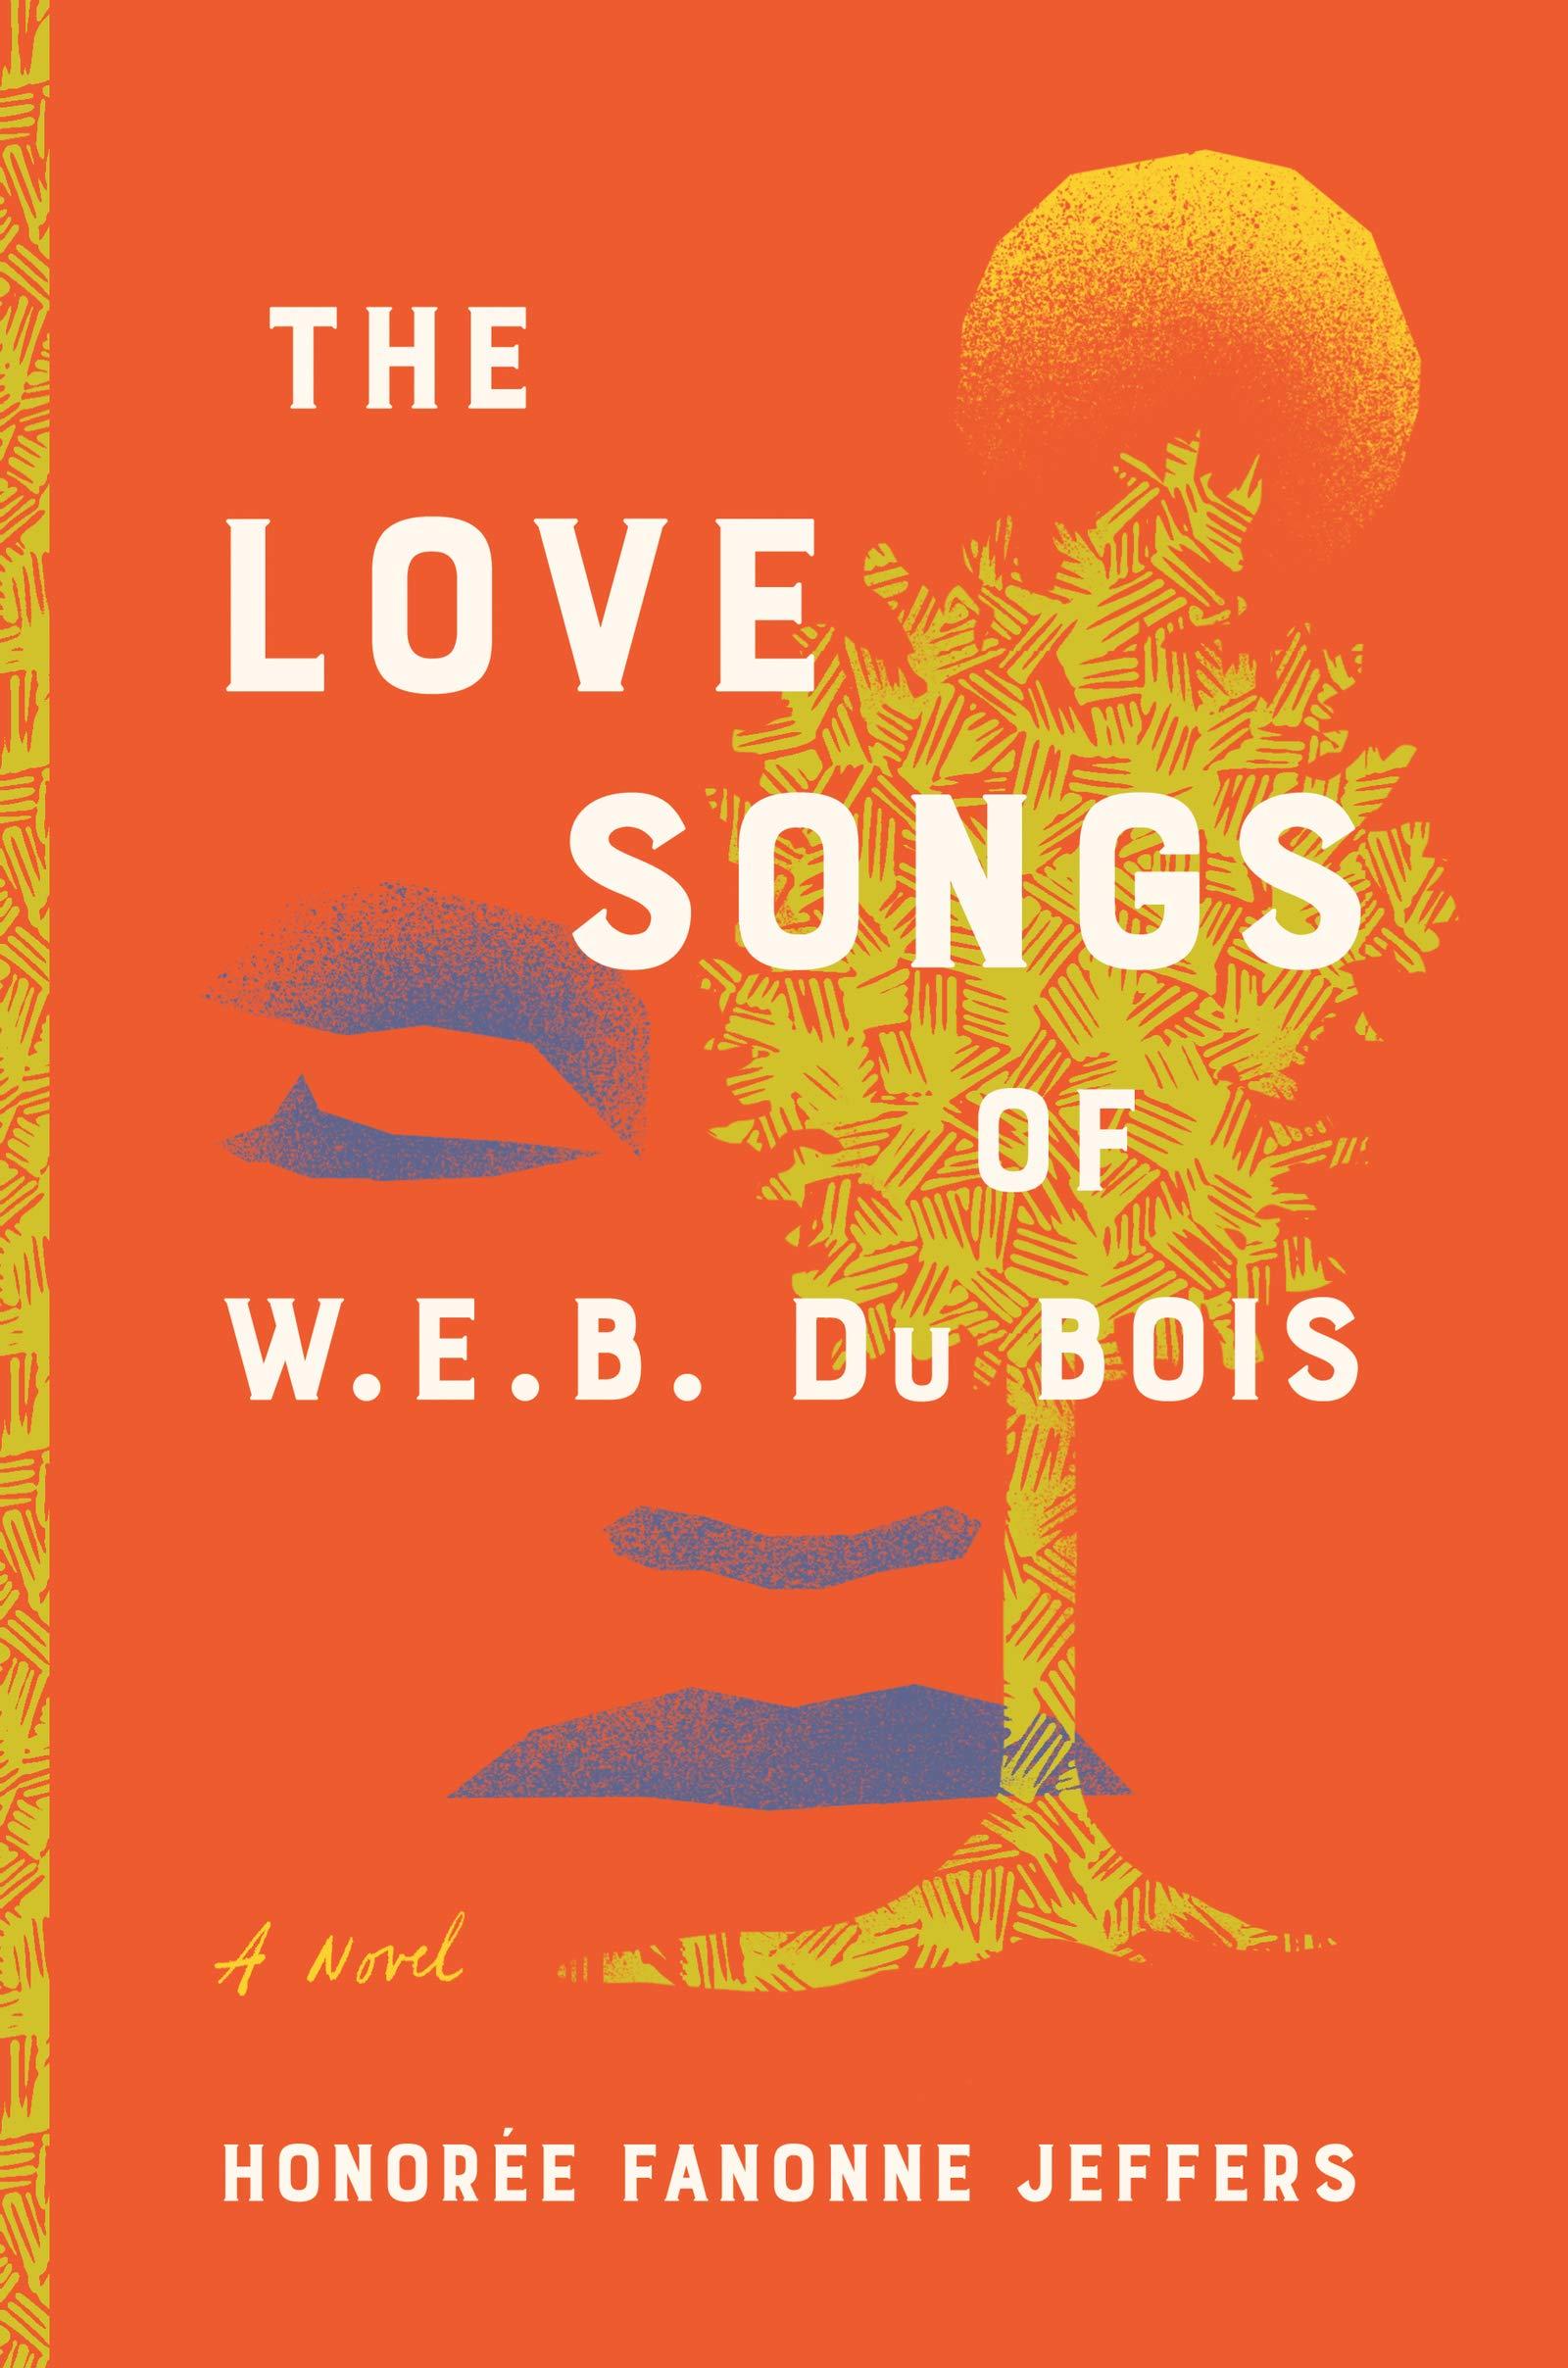 The Love Songs of W.E.B. DuBois by Honorée Fanonne Jeffers